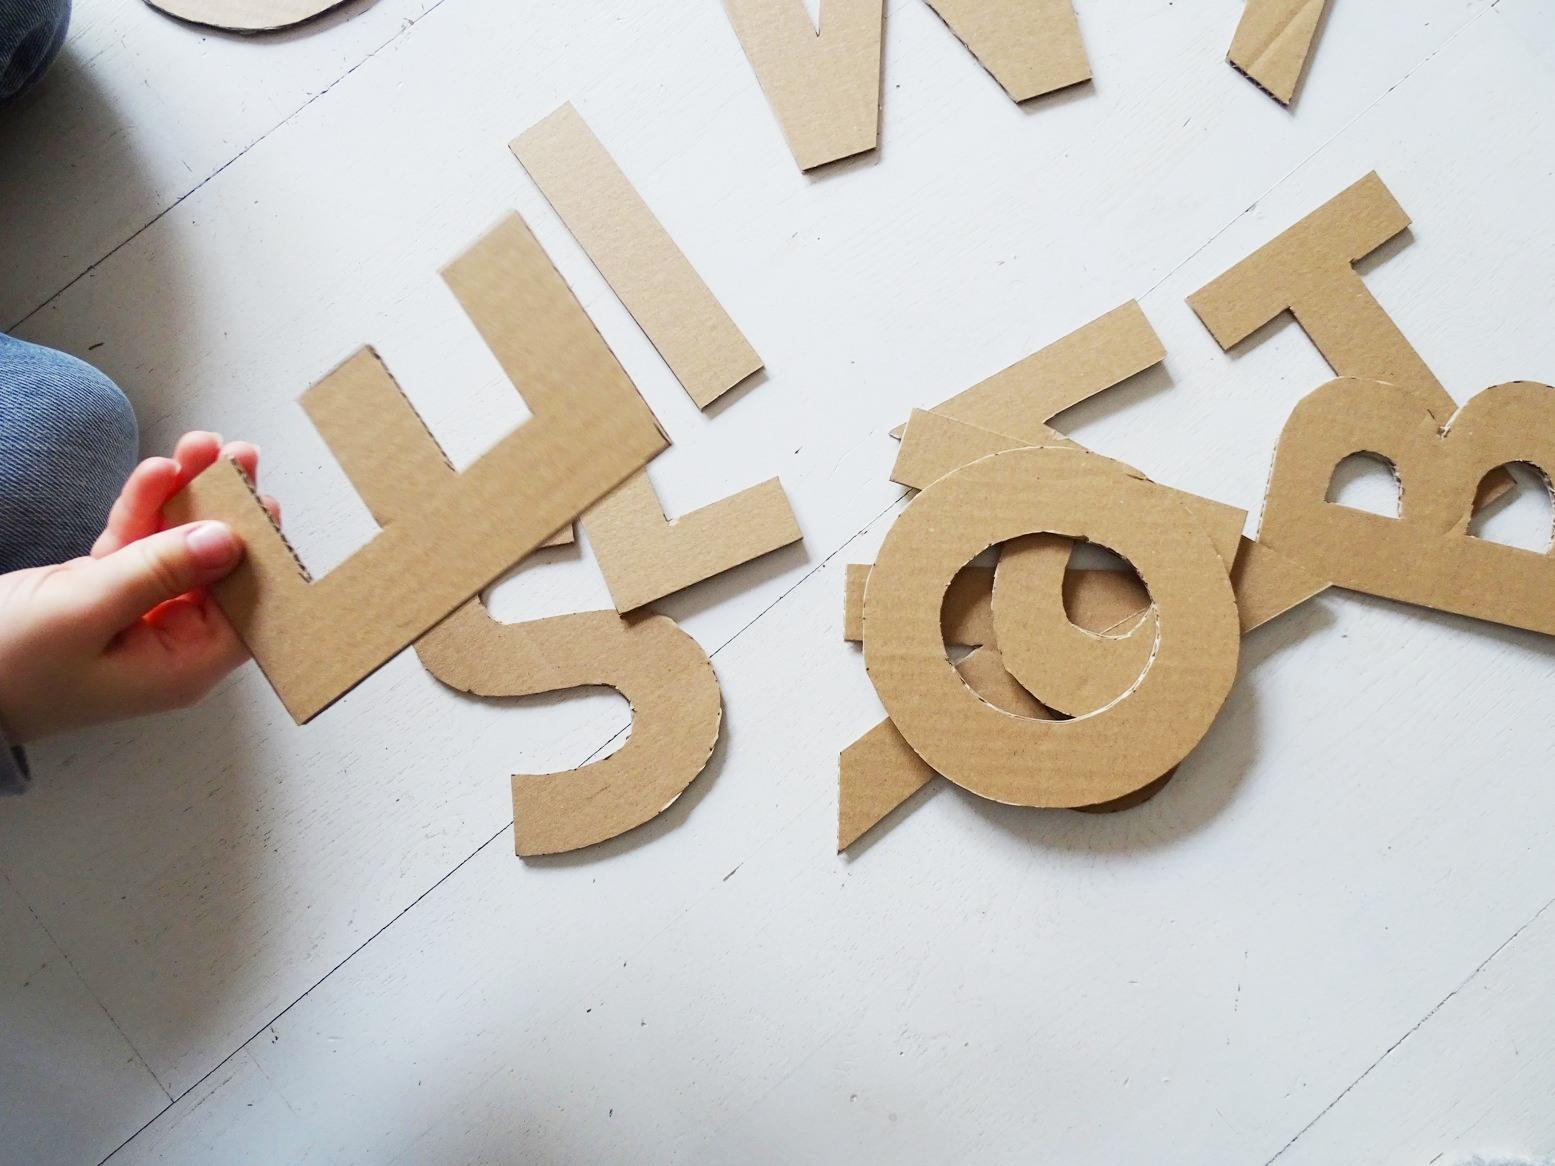 Spielerisch lernen mit Buchstaben aus Karton